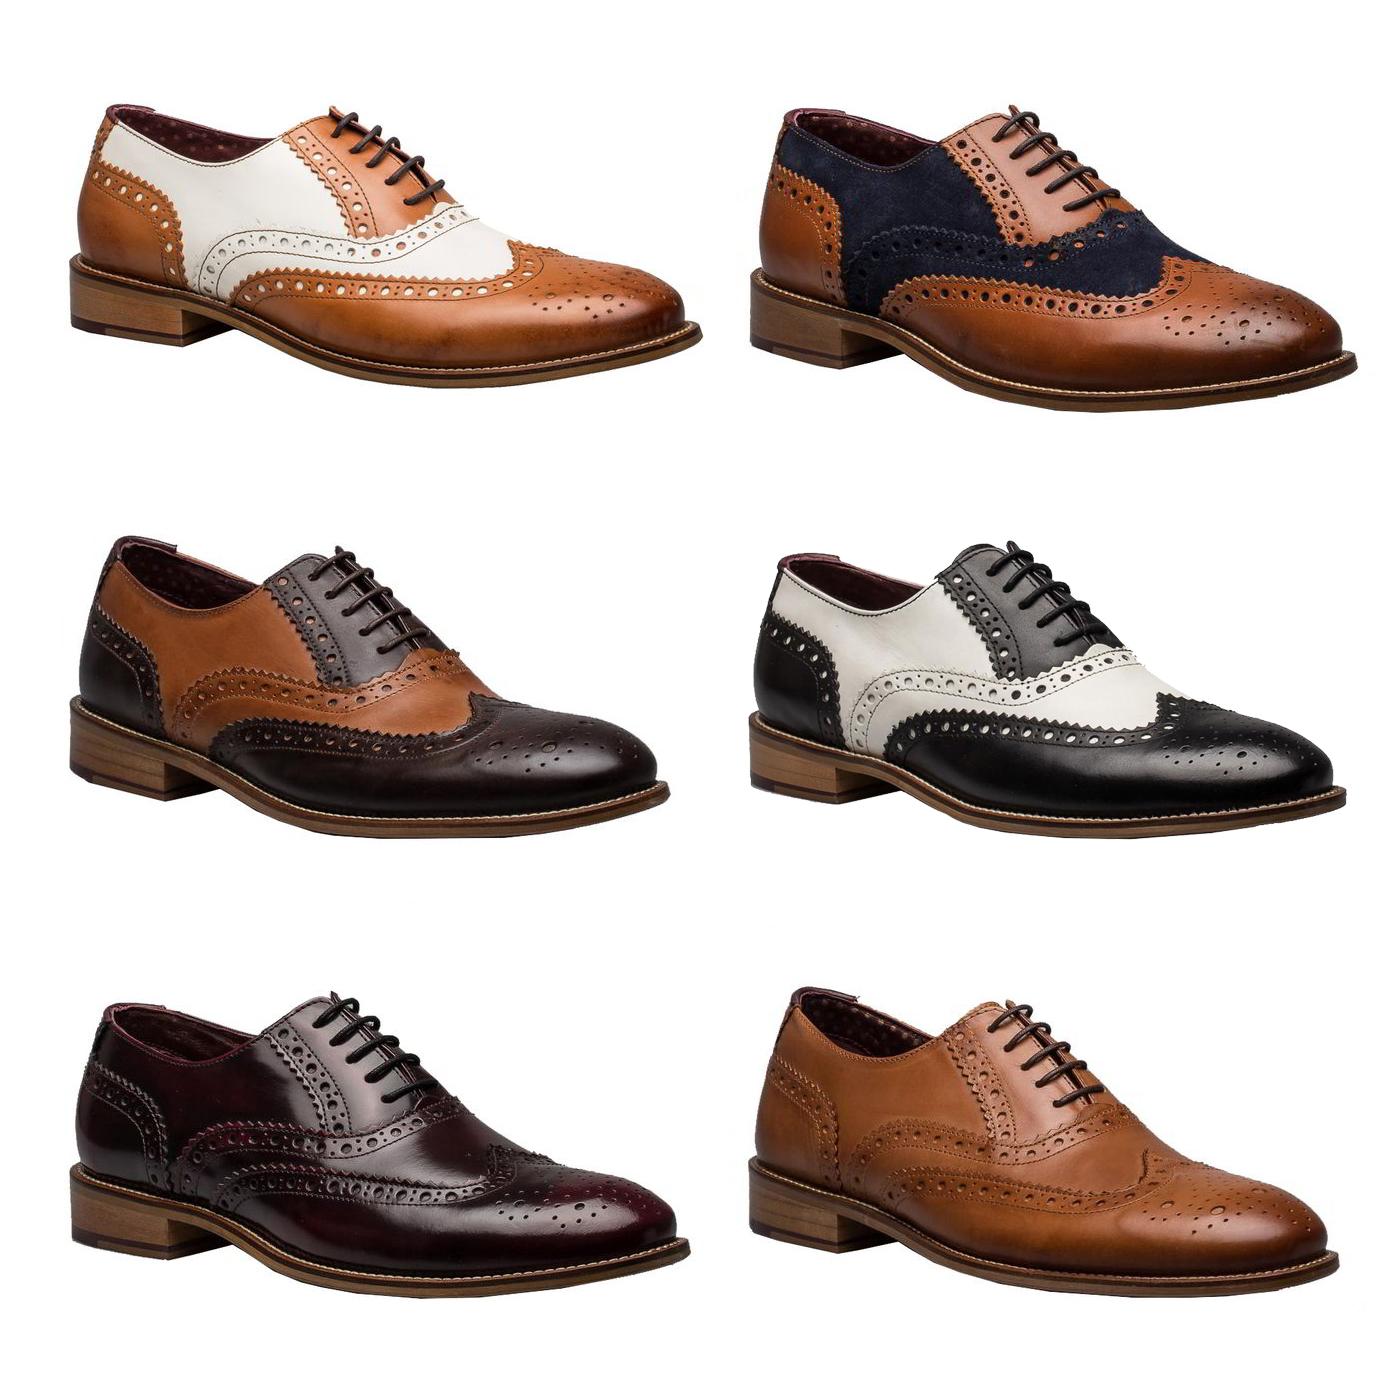 bb192f0a2c8 Détails sur London Chaussures Gatsby pour Homme en Cuir Marron Bout D Aile  Richelieu à Formelle Chaussures Taille 7-12- afficher le titre d origine